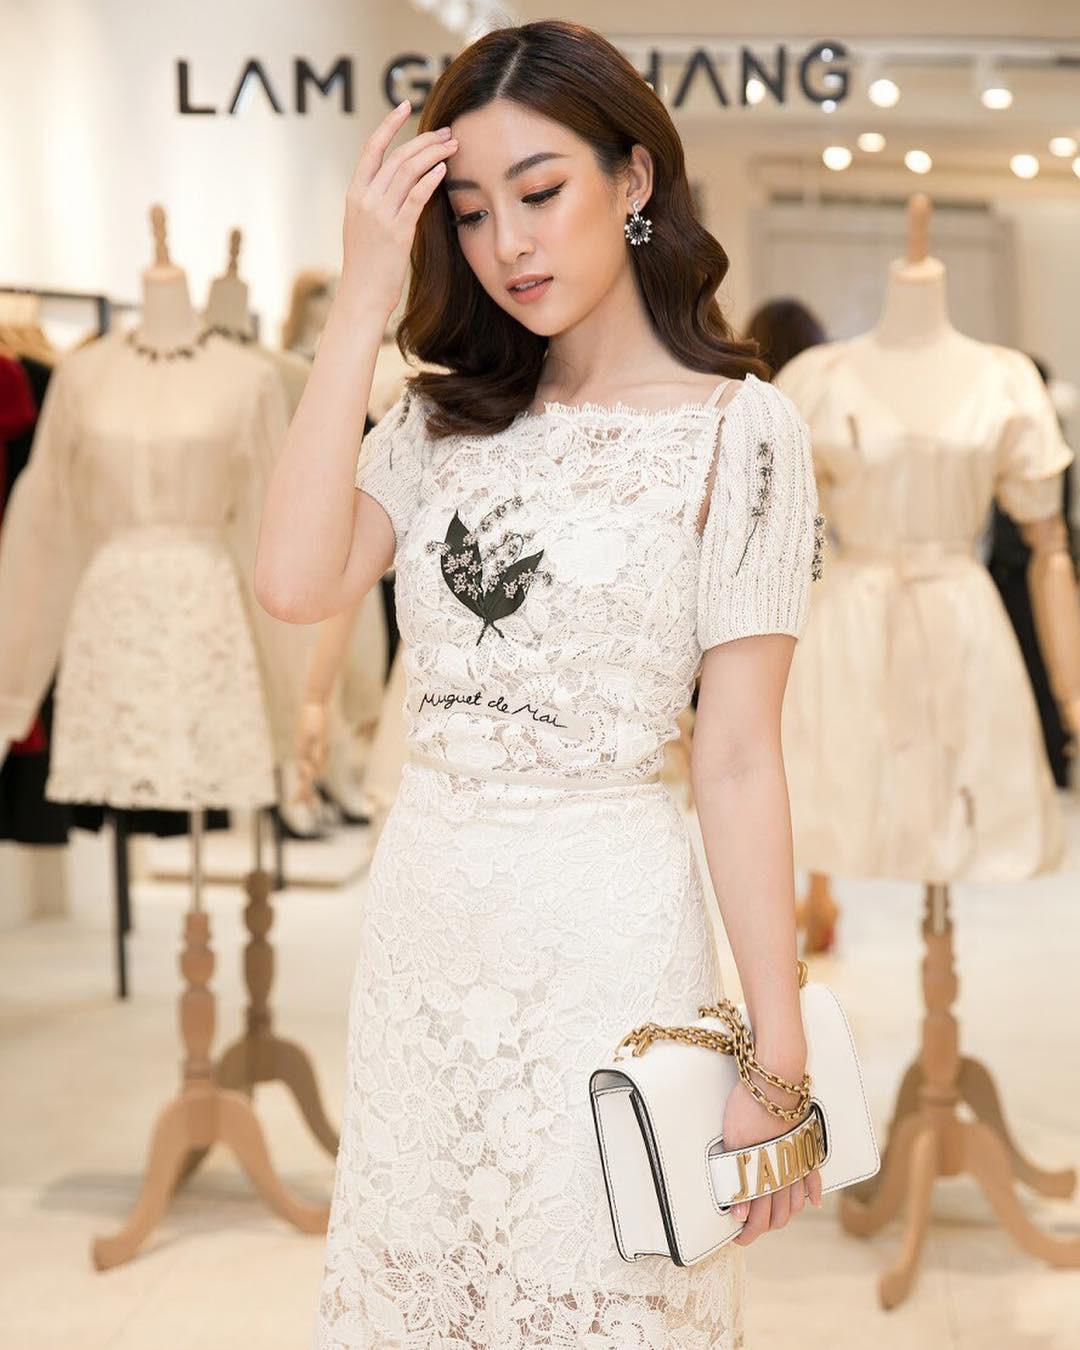 3 năm sau đăng quang, từ Hoa hậu giản dị nhất, Đỗ Mỹ Linh đang từng bước chuyển mình thành yêu nữ hàng hiệu-11